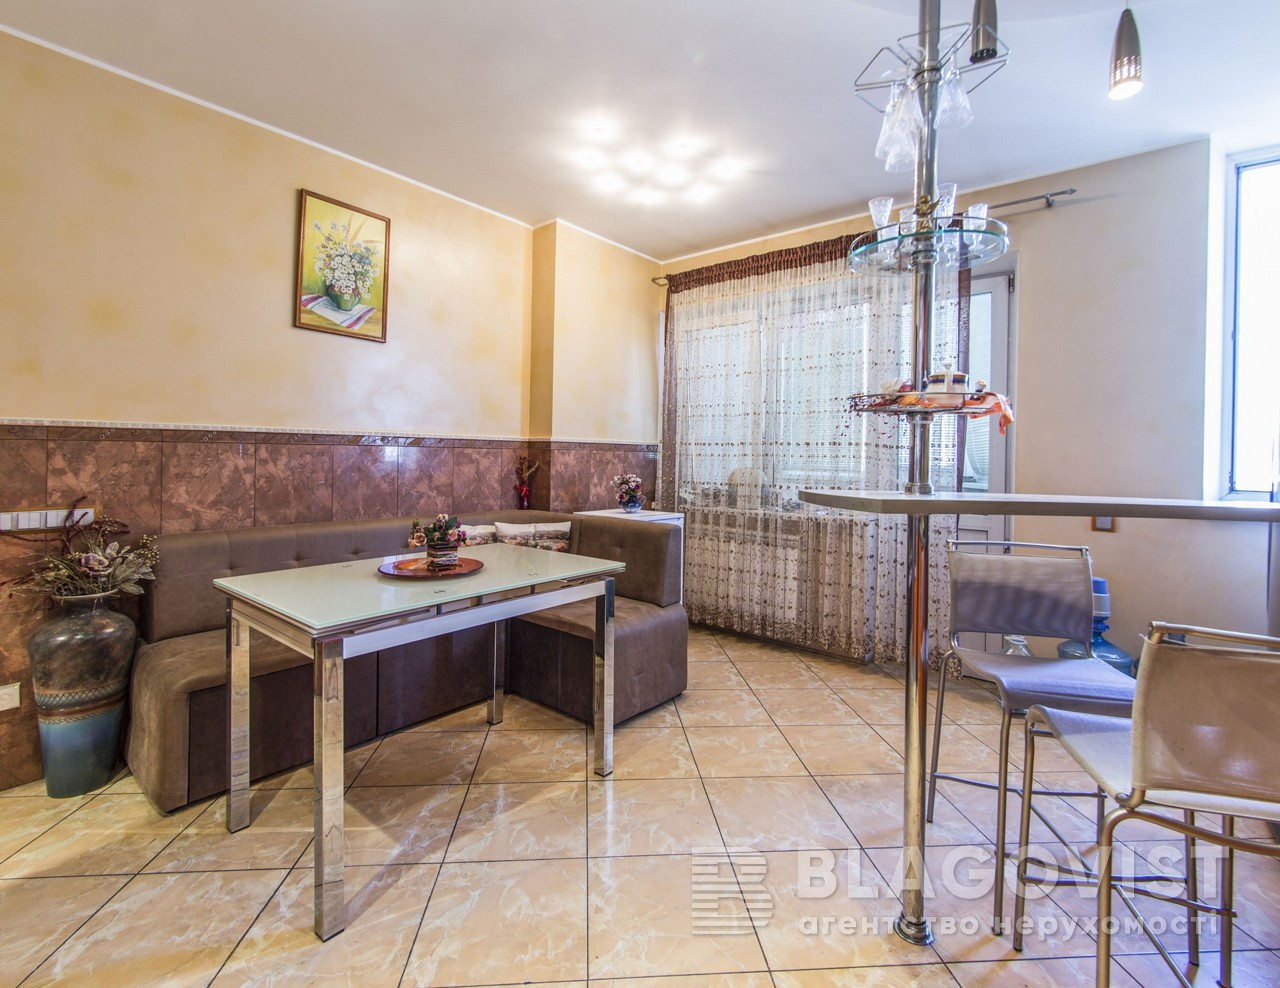 Квартира Z-1554577, Сверстюка Евгения (Расковой Марины), 52в, Киев - Фото 16